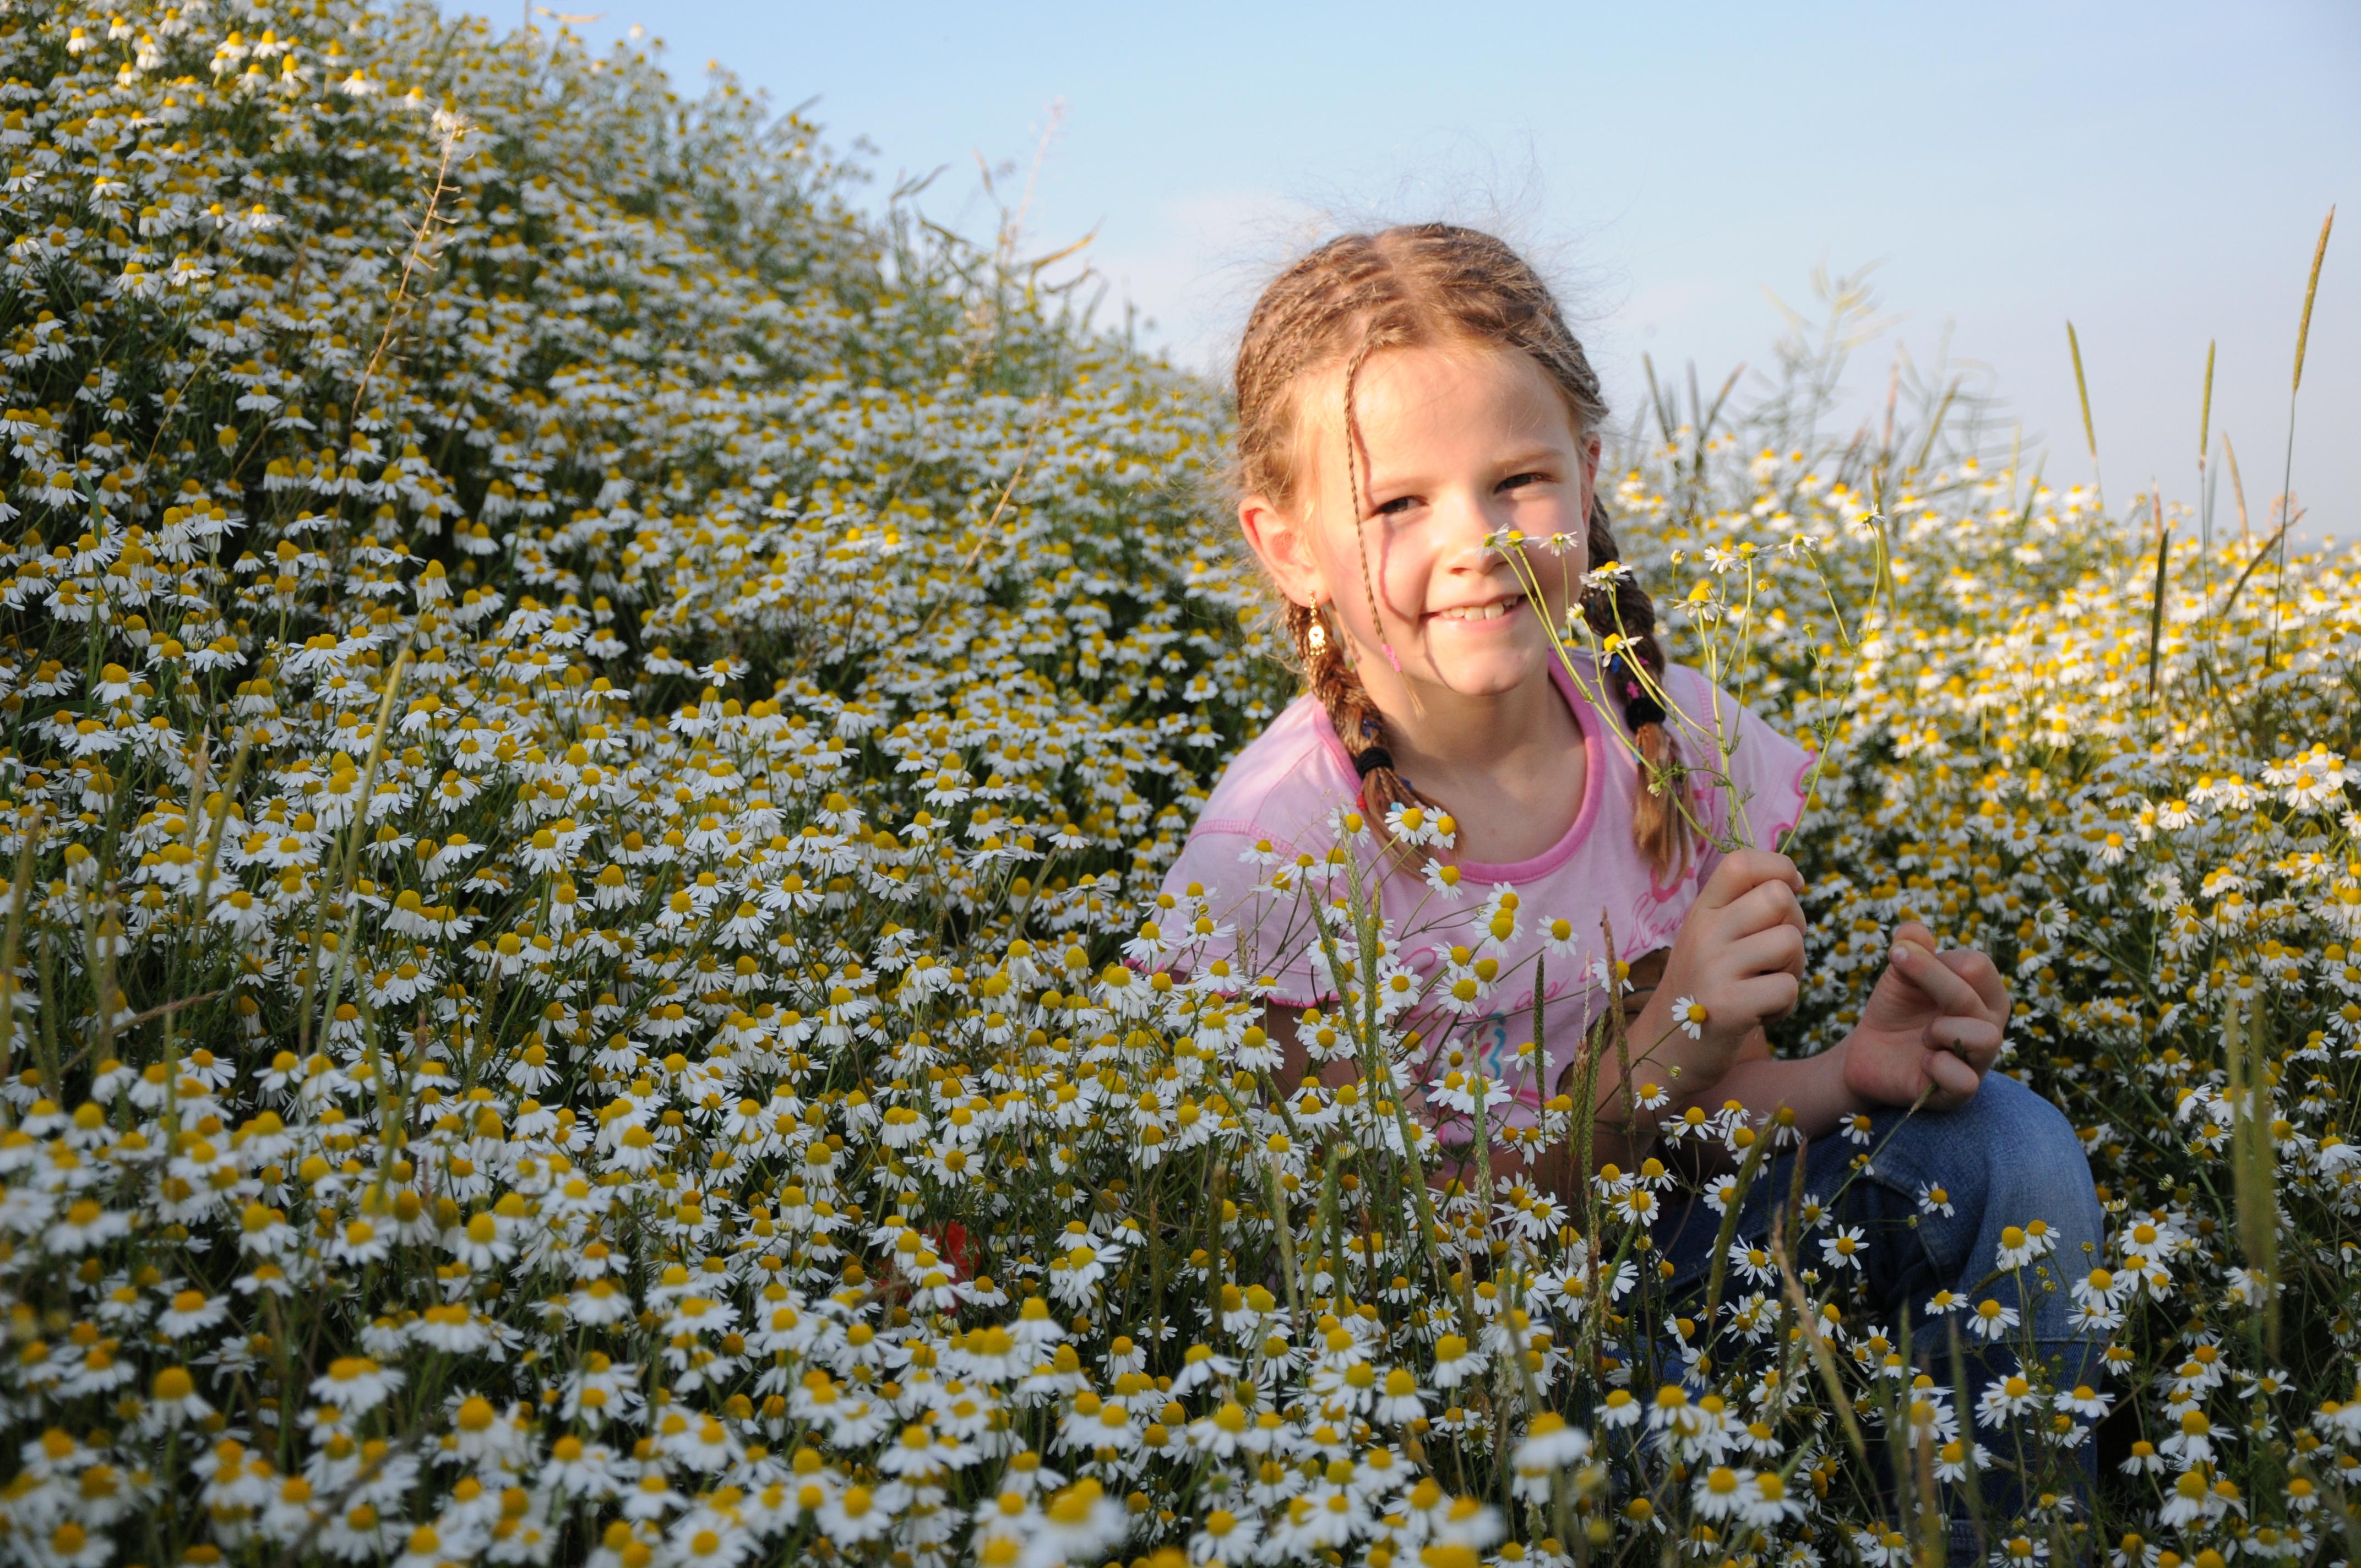 Lilly im Kamillenfeld